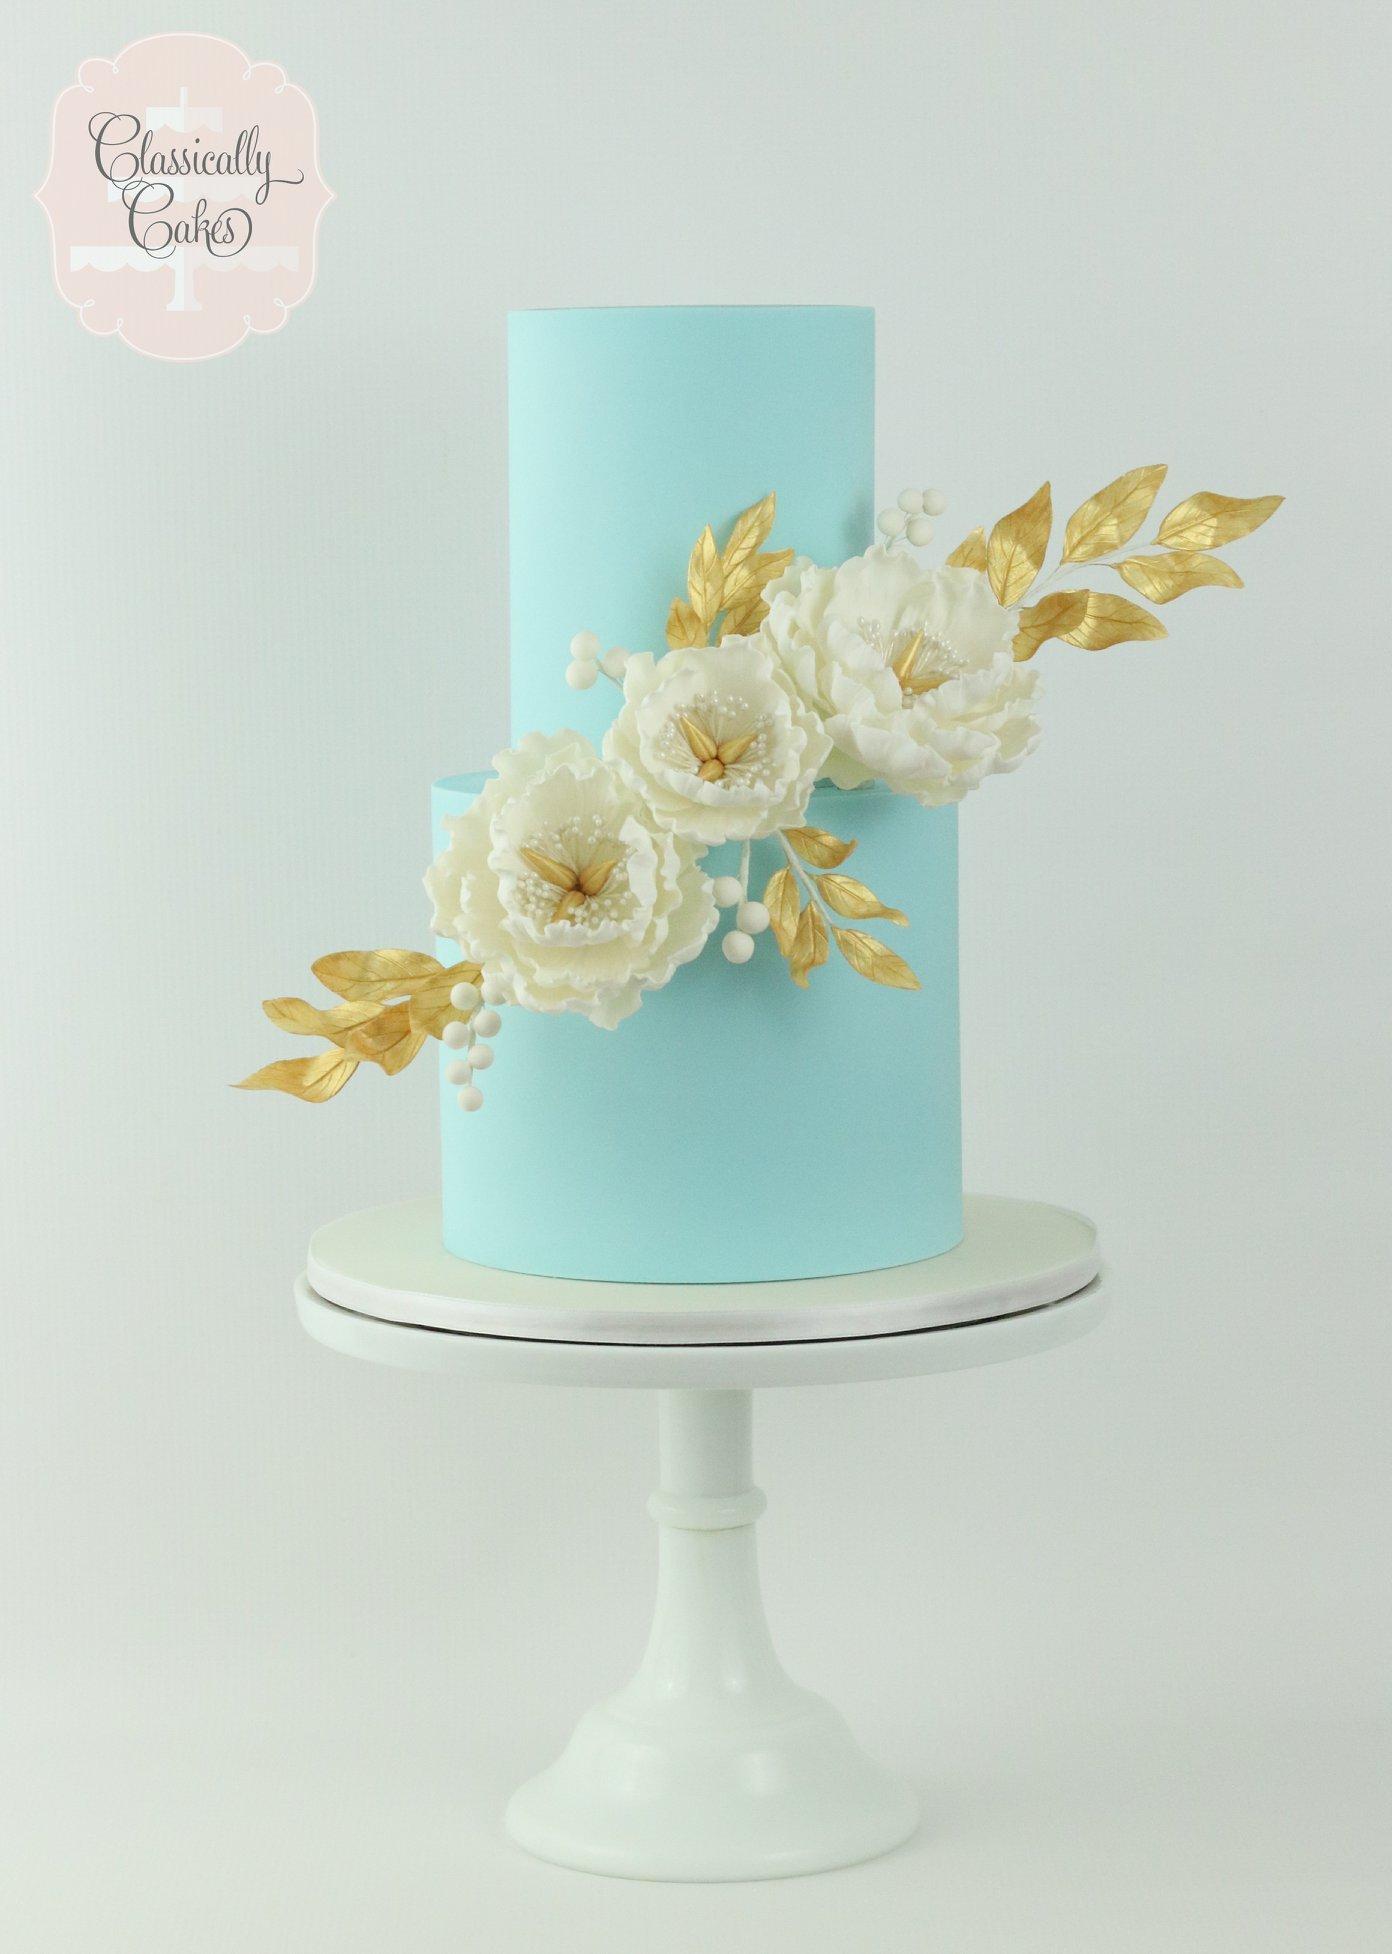 Baby blue fondant wedding cake with ivory sugar roses